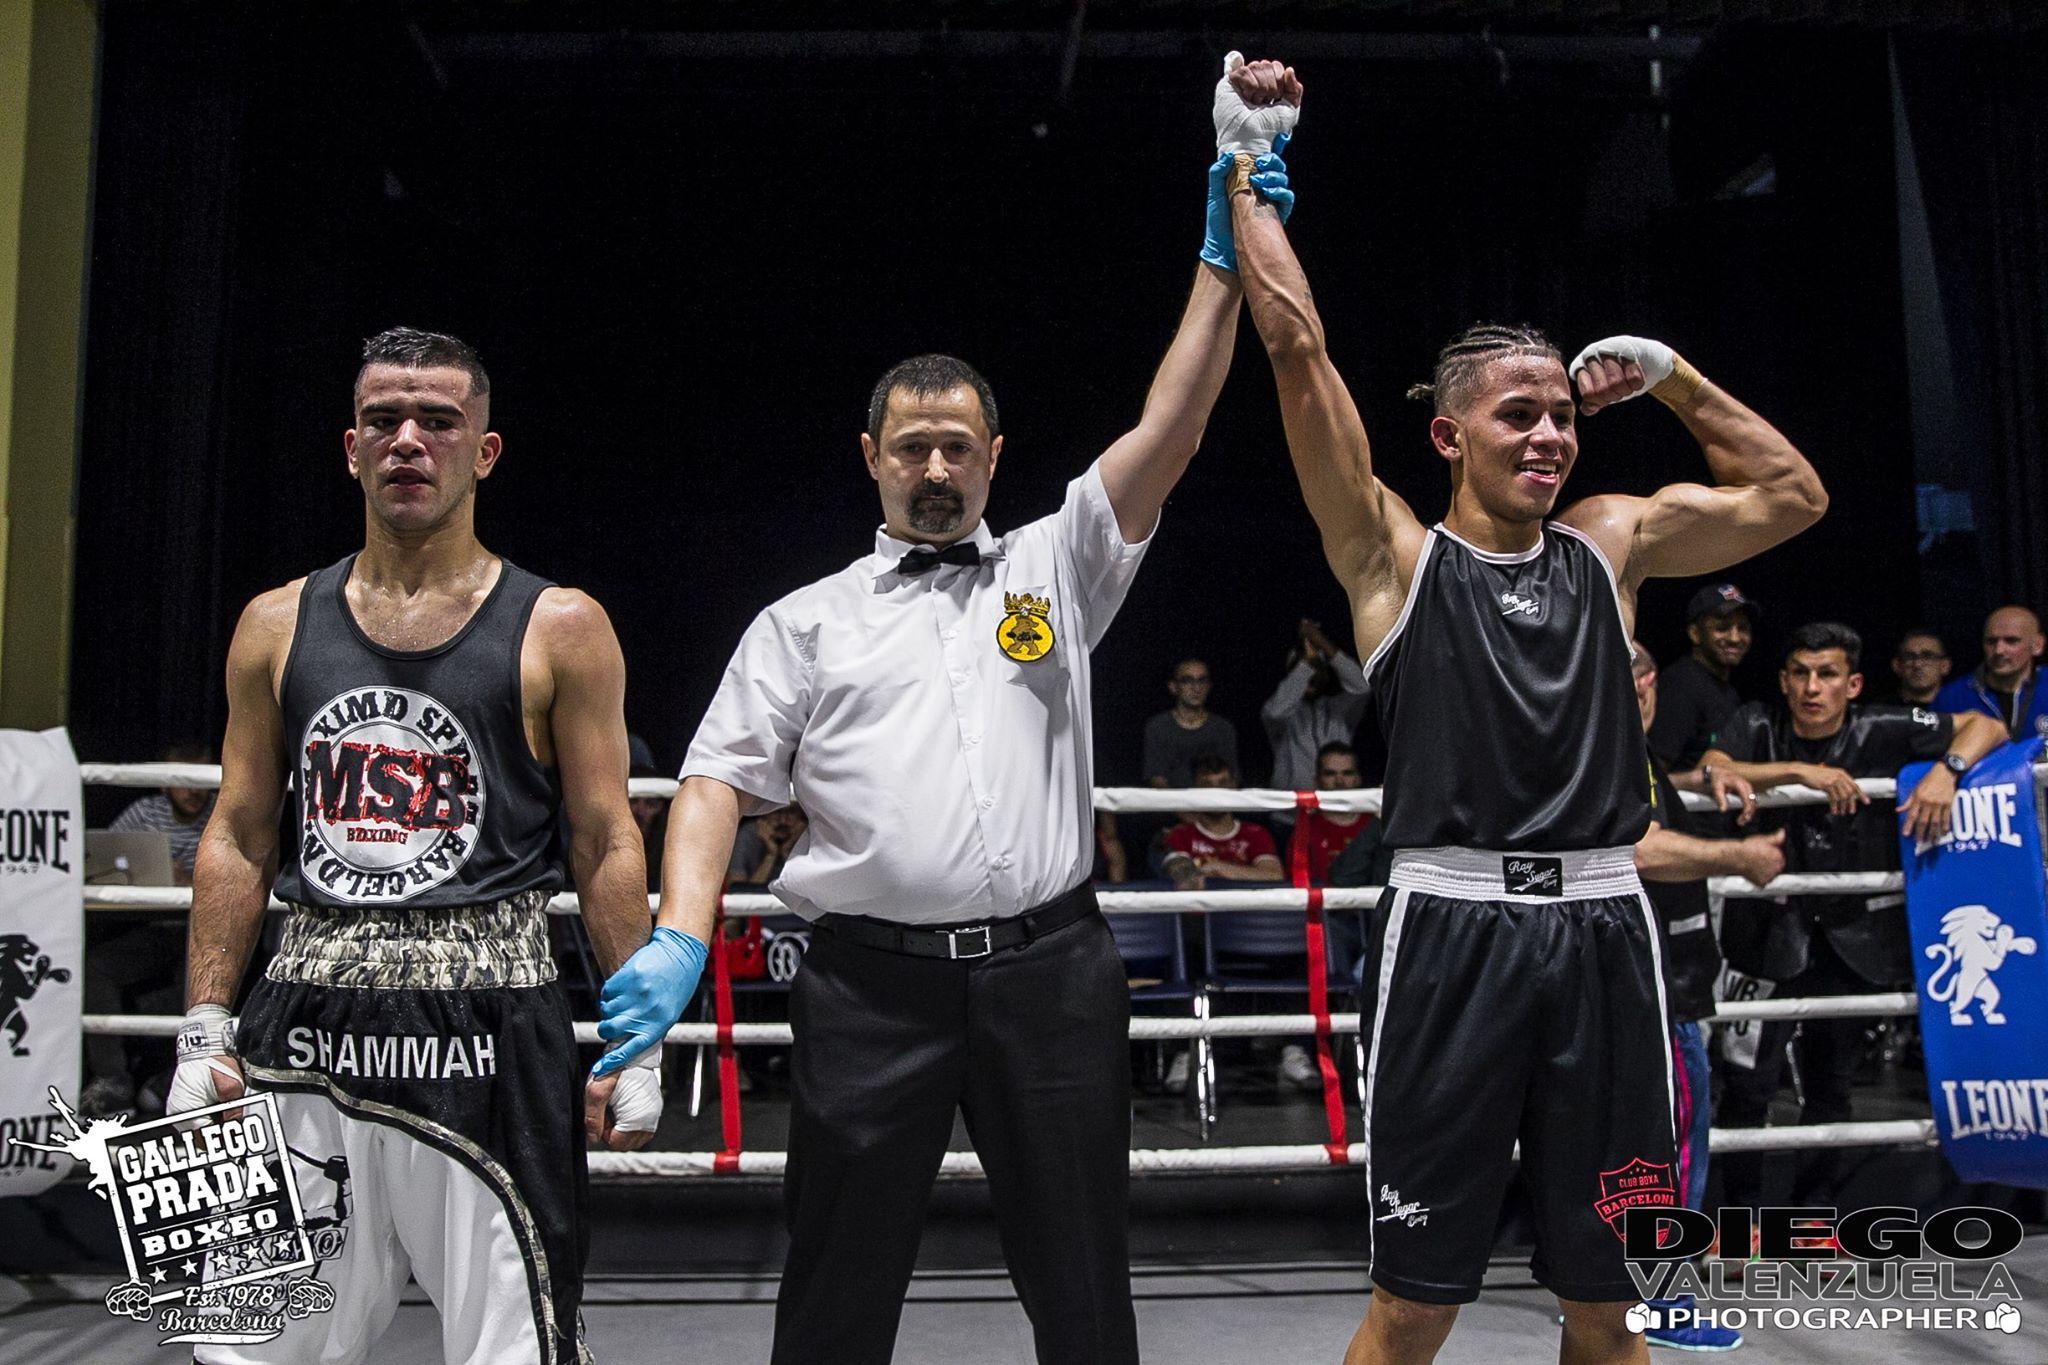 - Junio Ramírez (Club Boxeo Barcelona) venció a Alonso Gutiérrez (Maximo Sport)